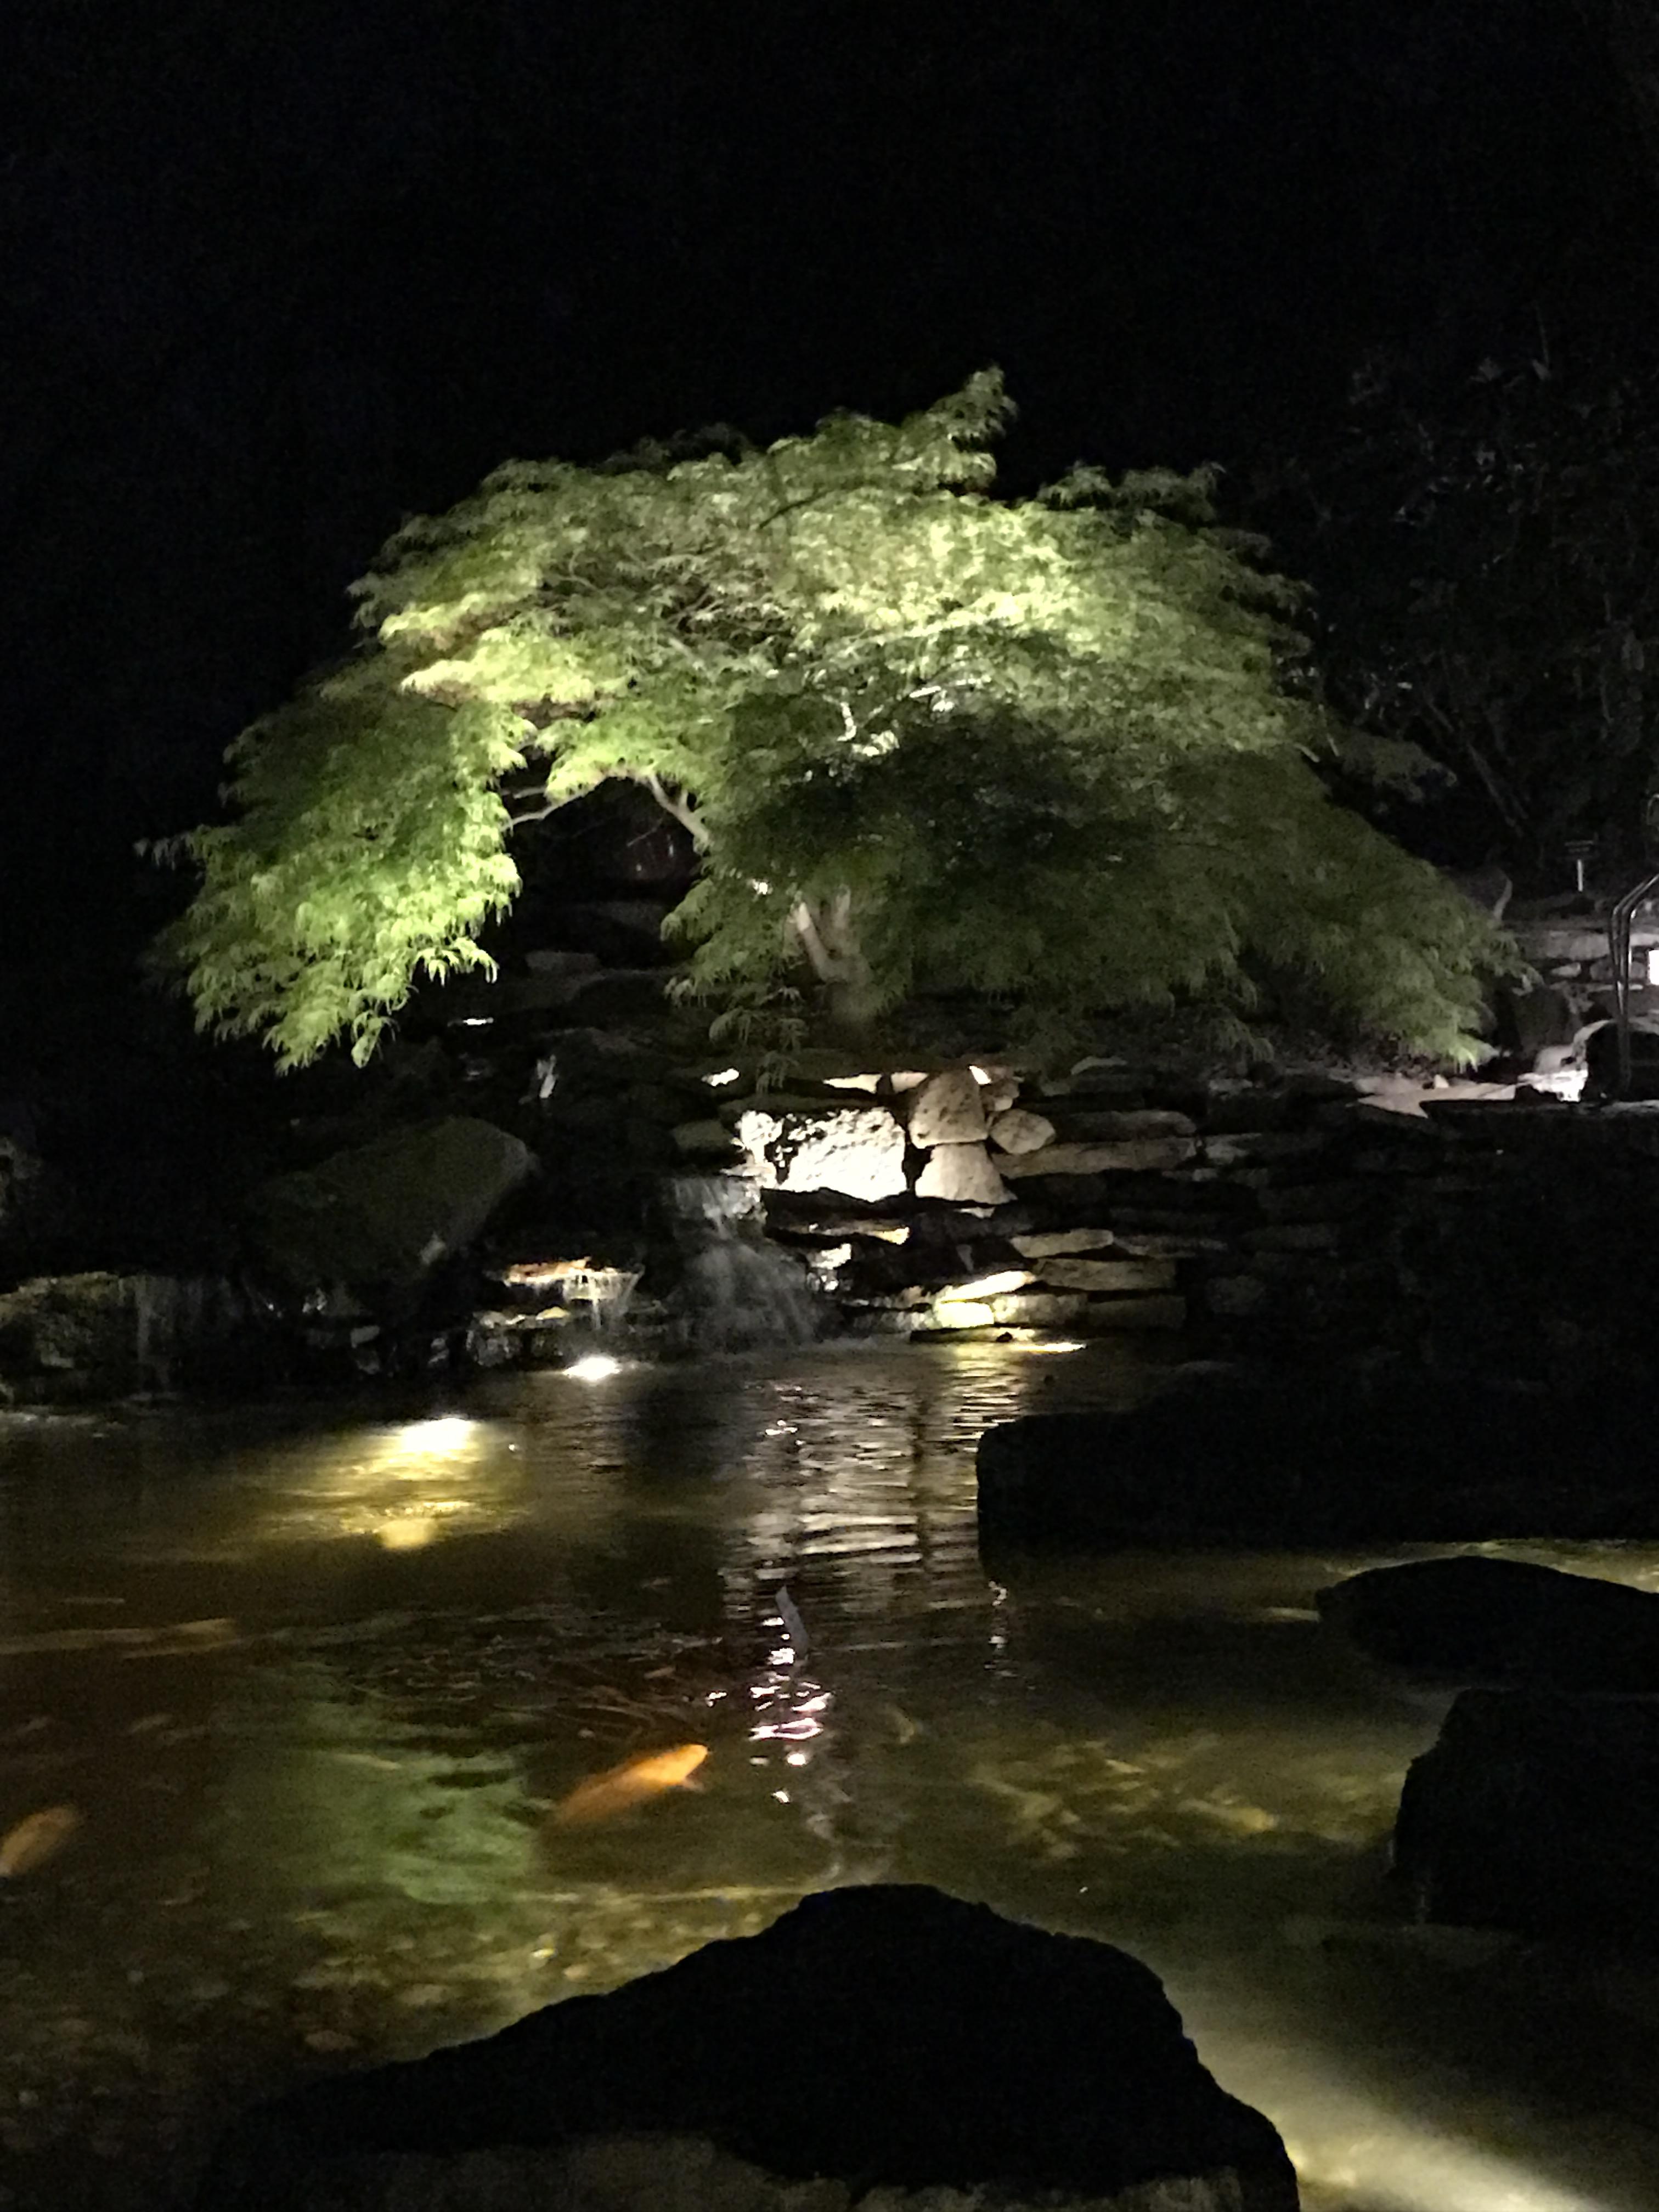 Pond Moonlight Night